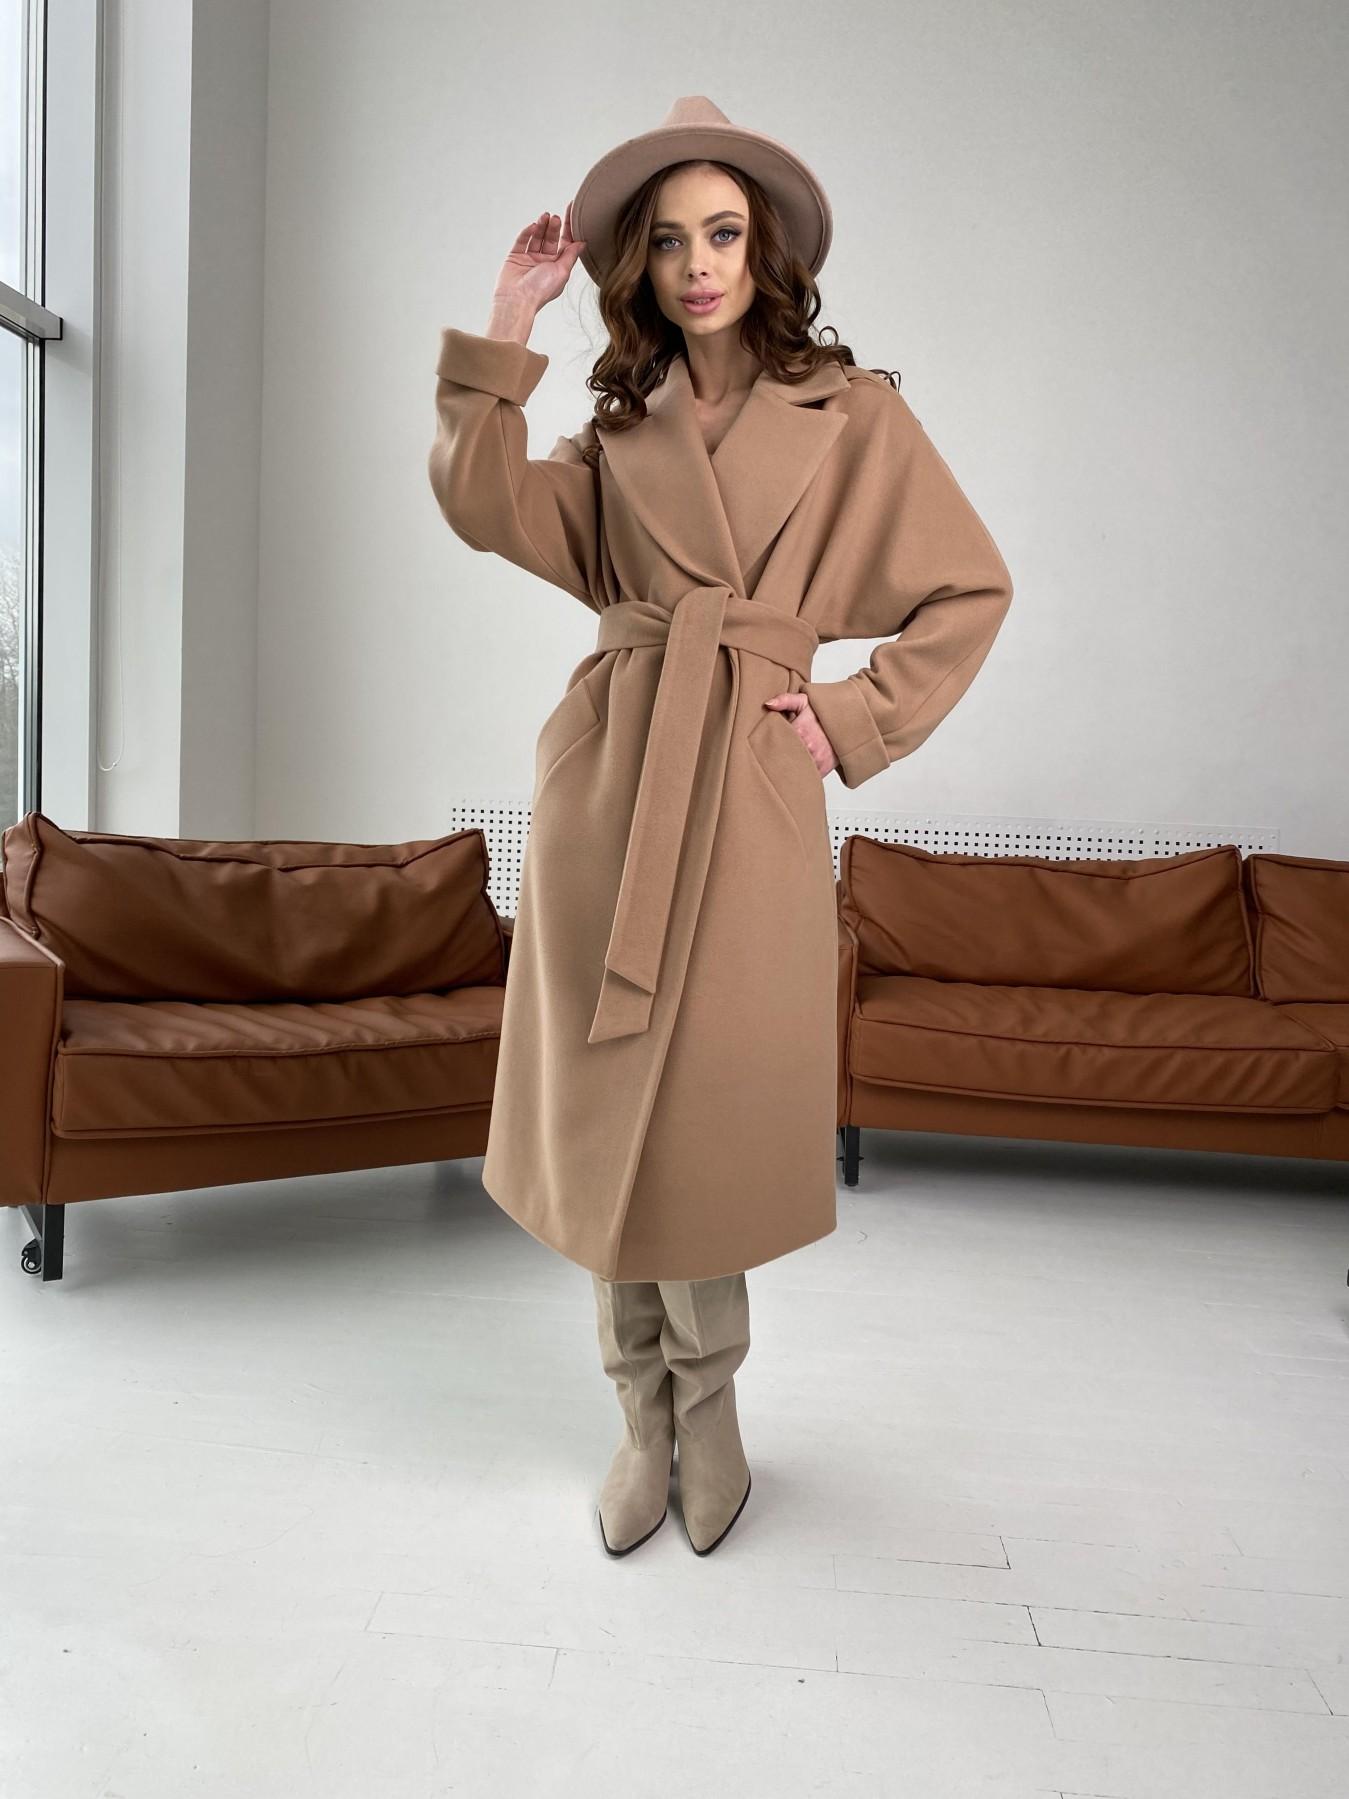 Влада пальто демисезонное из кашемира  10541 АРТ. 46895 Цвет: Кемел - фото 2, интернет магазин tm-modus.ru